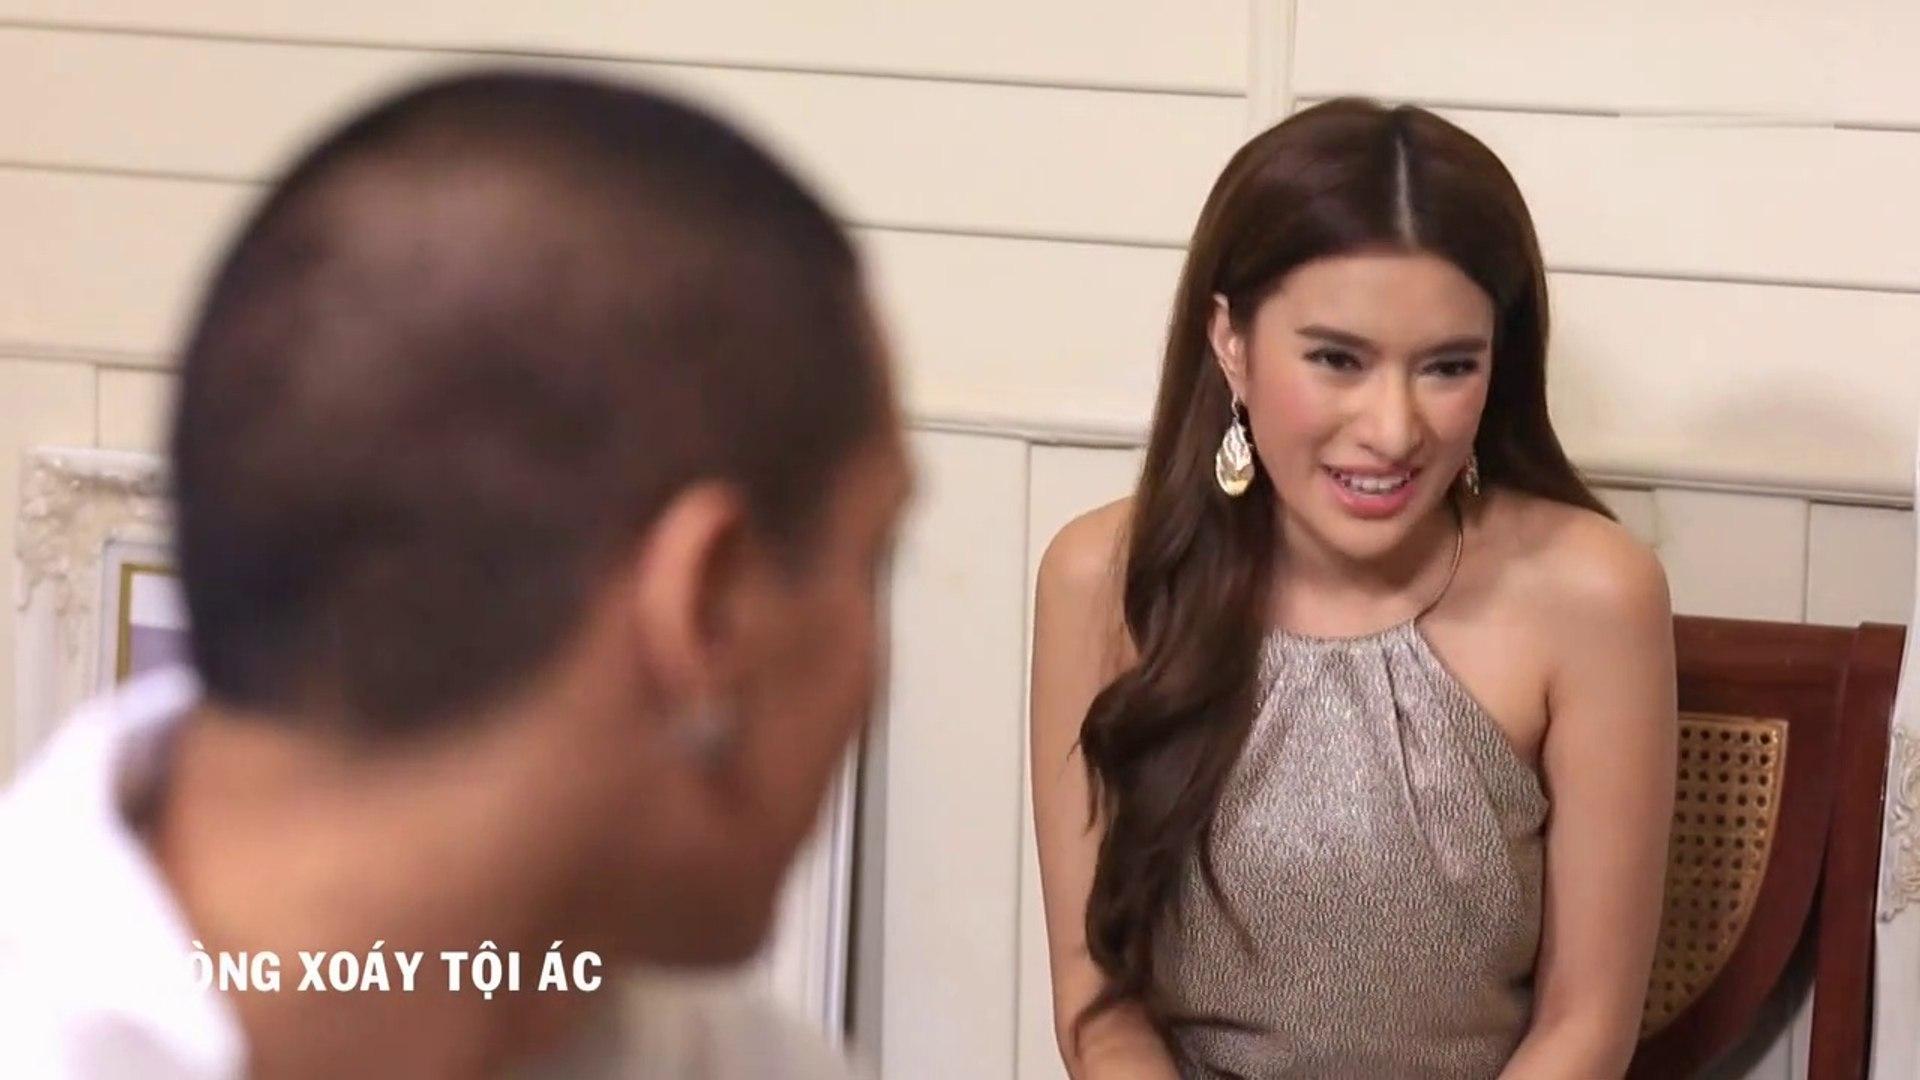 Vòng Xoáy Tội Ác Tập 3 - Phim Thái Lan Lồng Tiếng